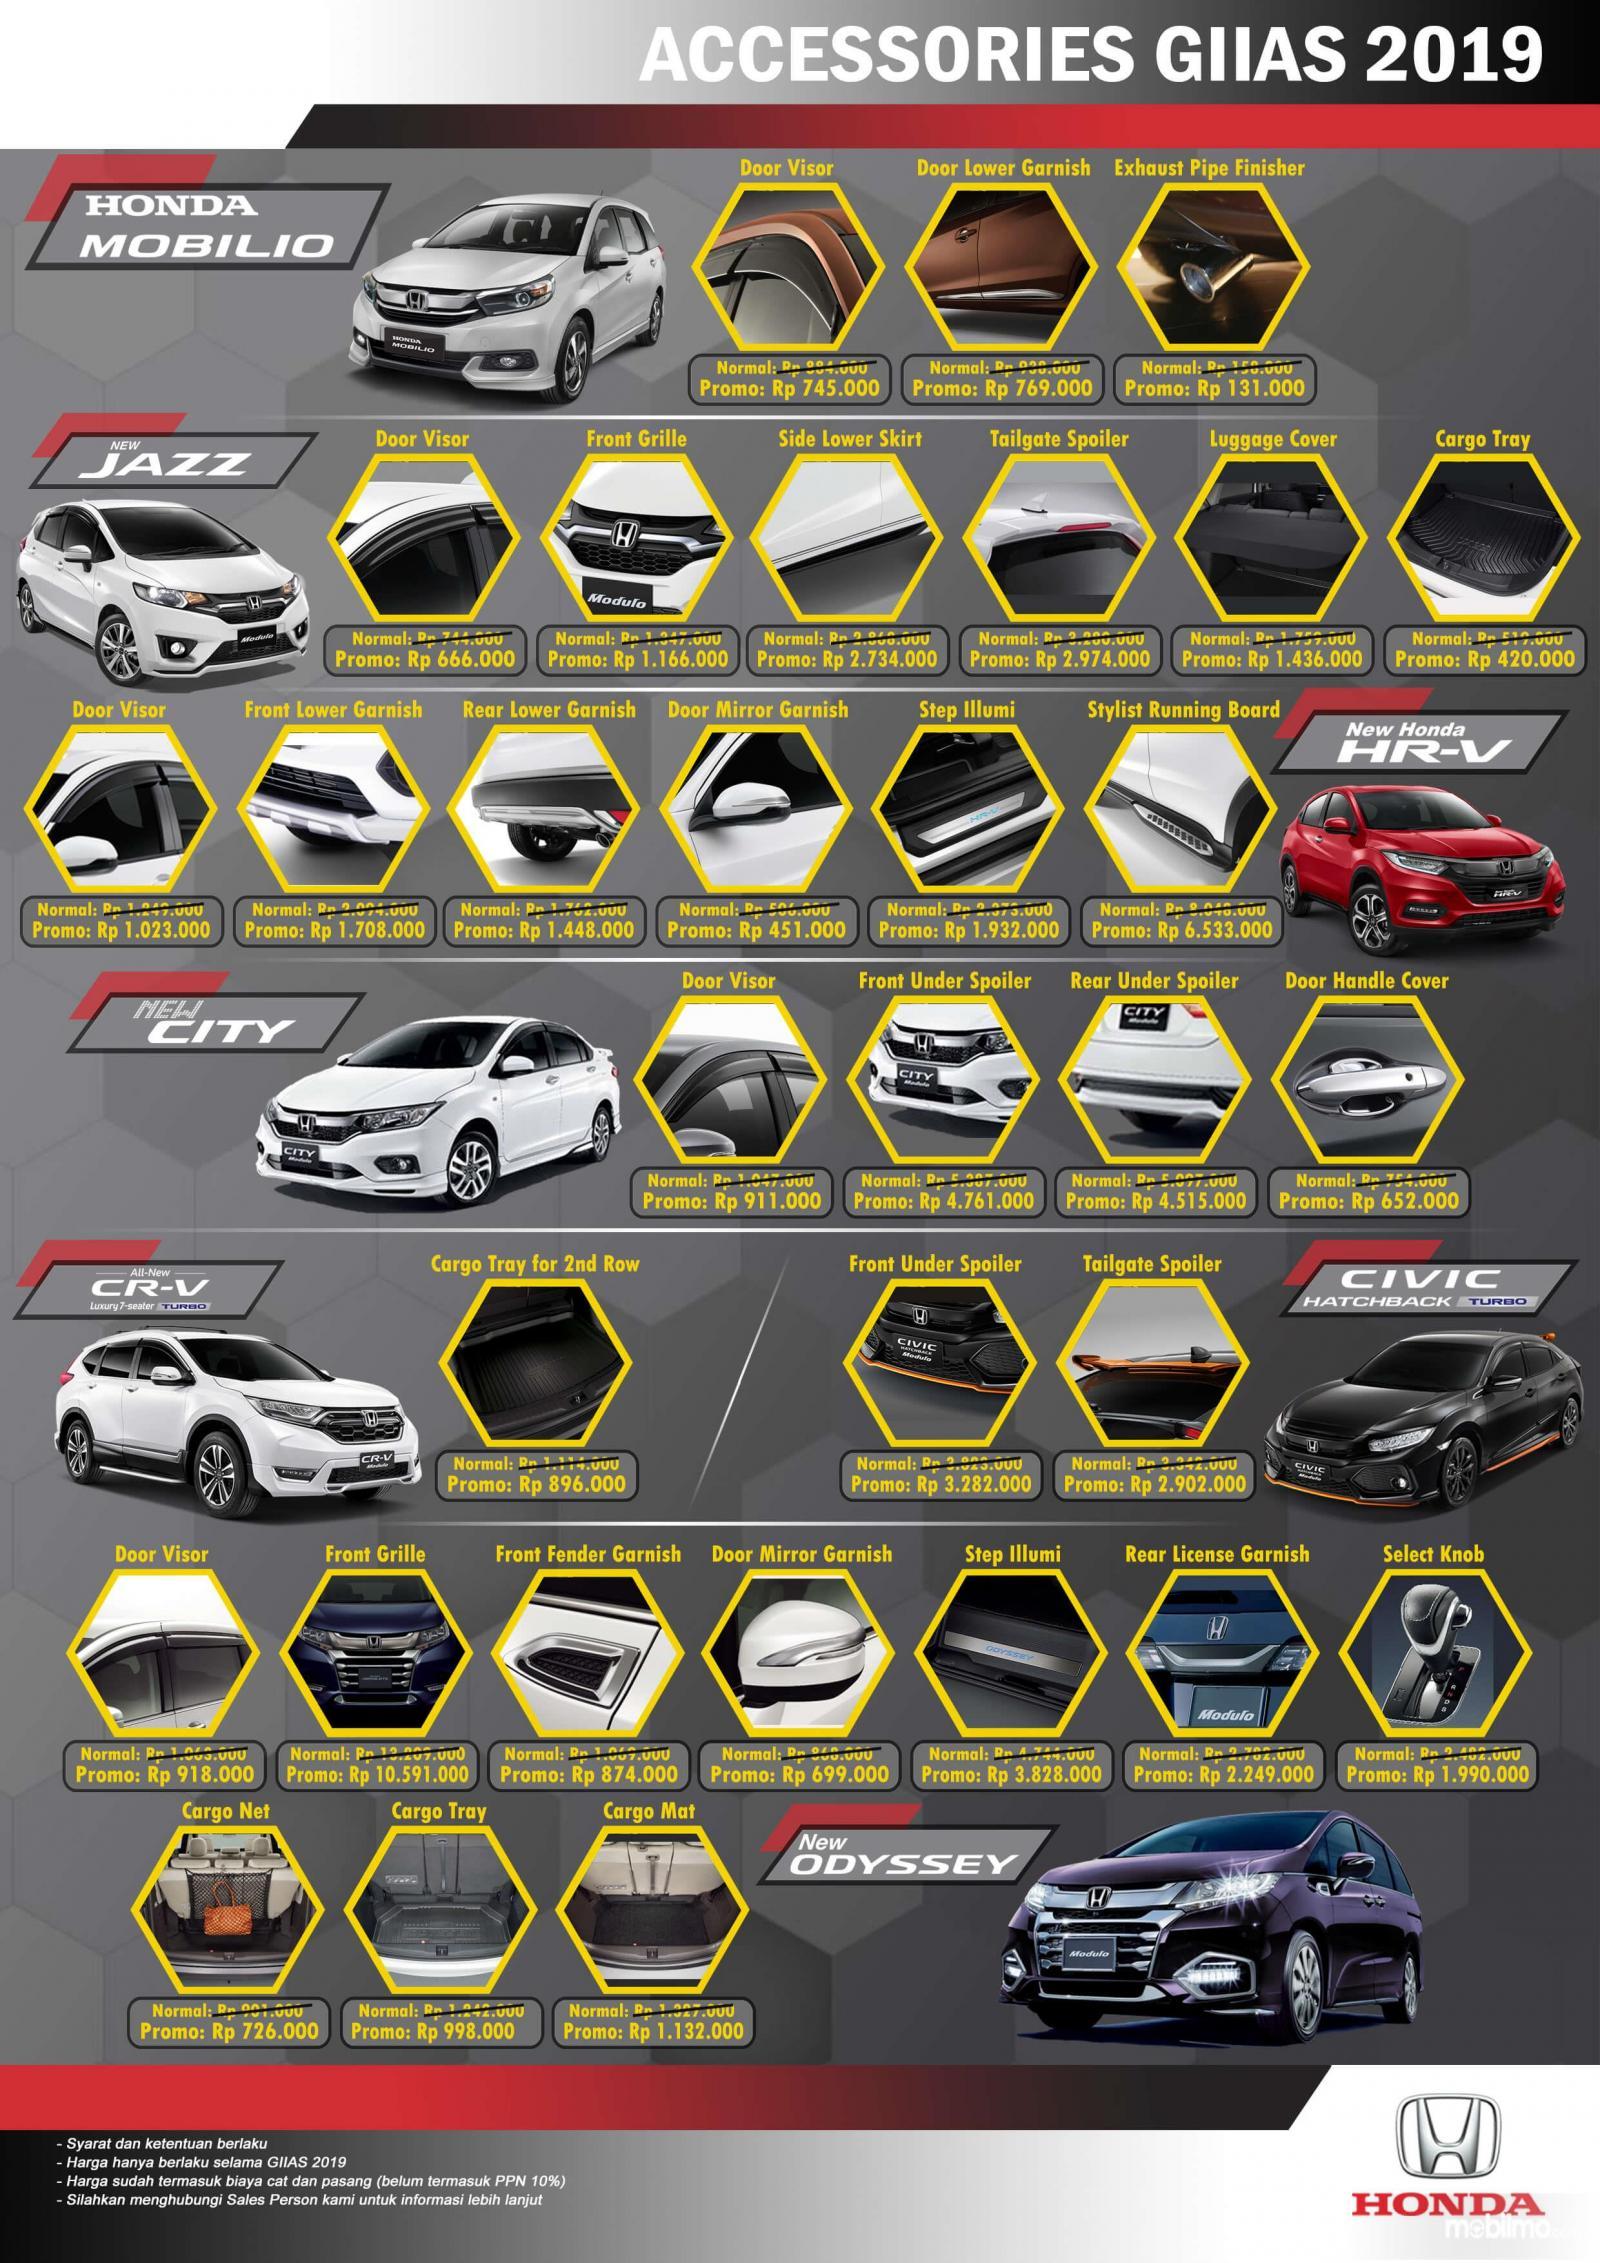 Gambar ini menunjukkan beragam aksesoris mobil Honda yang mendapat potongan harga